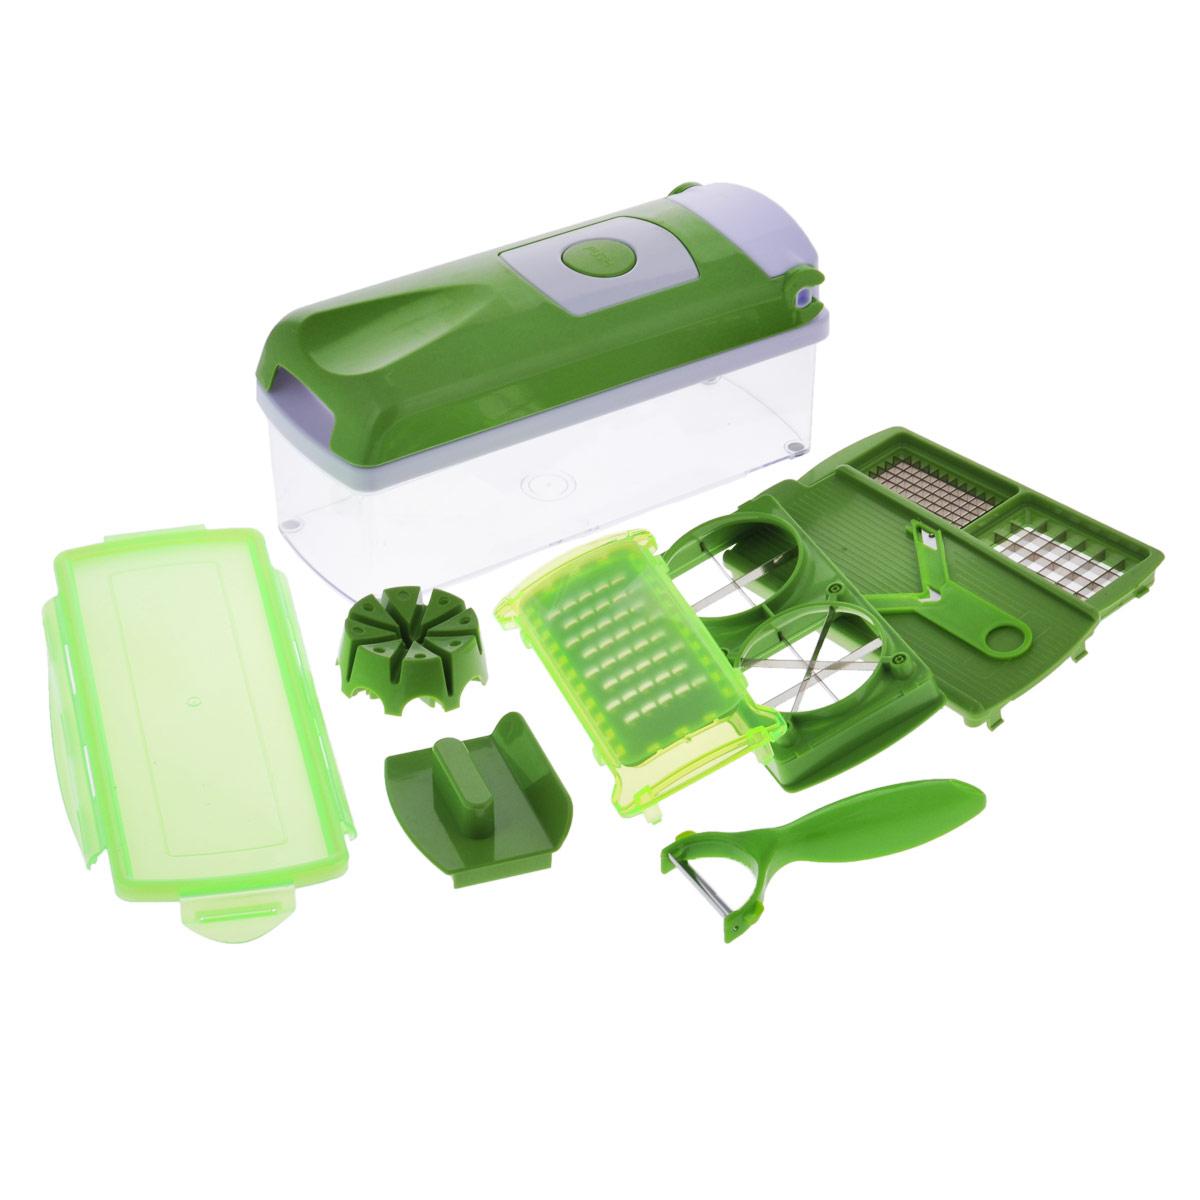 Овощерезка Nicer-Dicer ПЛЮС с контейнером391602Овощерезка Nicer-Dicer - это многофункциональный прибор, который поможет быстро нарезать фрукты и овощи. В комплекте: - лезвие для нарезки кольцами, - насадка для нарезания кольцами, - защитный кожух для насадок, - профессиональная овощечистка, - защитное приспособление для удержания продукта, - устройство для проталкивания продукта, - вкладыш для нарезки, - крышка с механизмом измельчения, - прозрачный контейнер для хранения и сбора объемом 1,5 л., - контейнеры для сбора, - вкладыш для нарезки 2 шт,- книга рецептов. Такой набор поможет без труда нарезать продукты кубиками, ломтиками или соломкой. Предметы набора можно мыть в посудомоечной машине. Размер контейнера: 27 см х 10 см х 8 см.Длина овощечистки: 15 см.Длина лезвия овощечистки: 5 см.